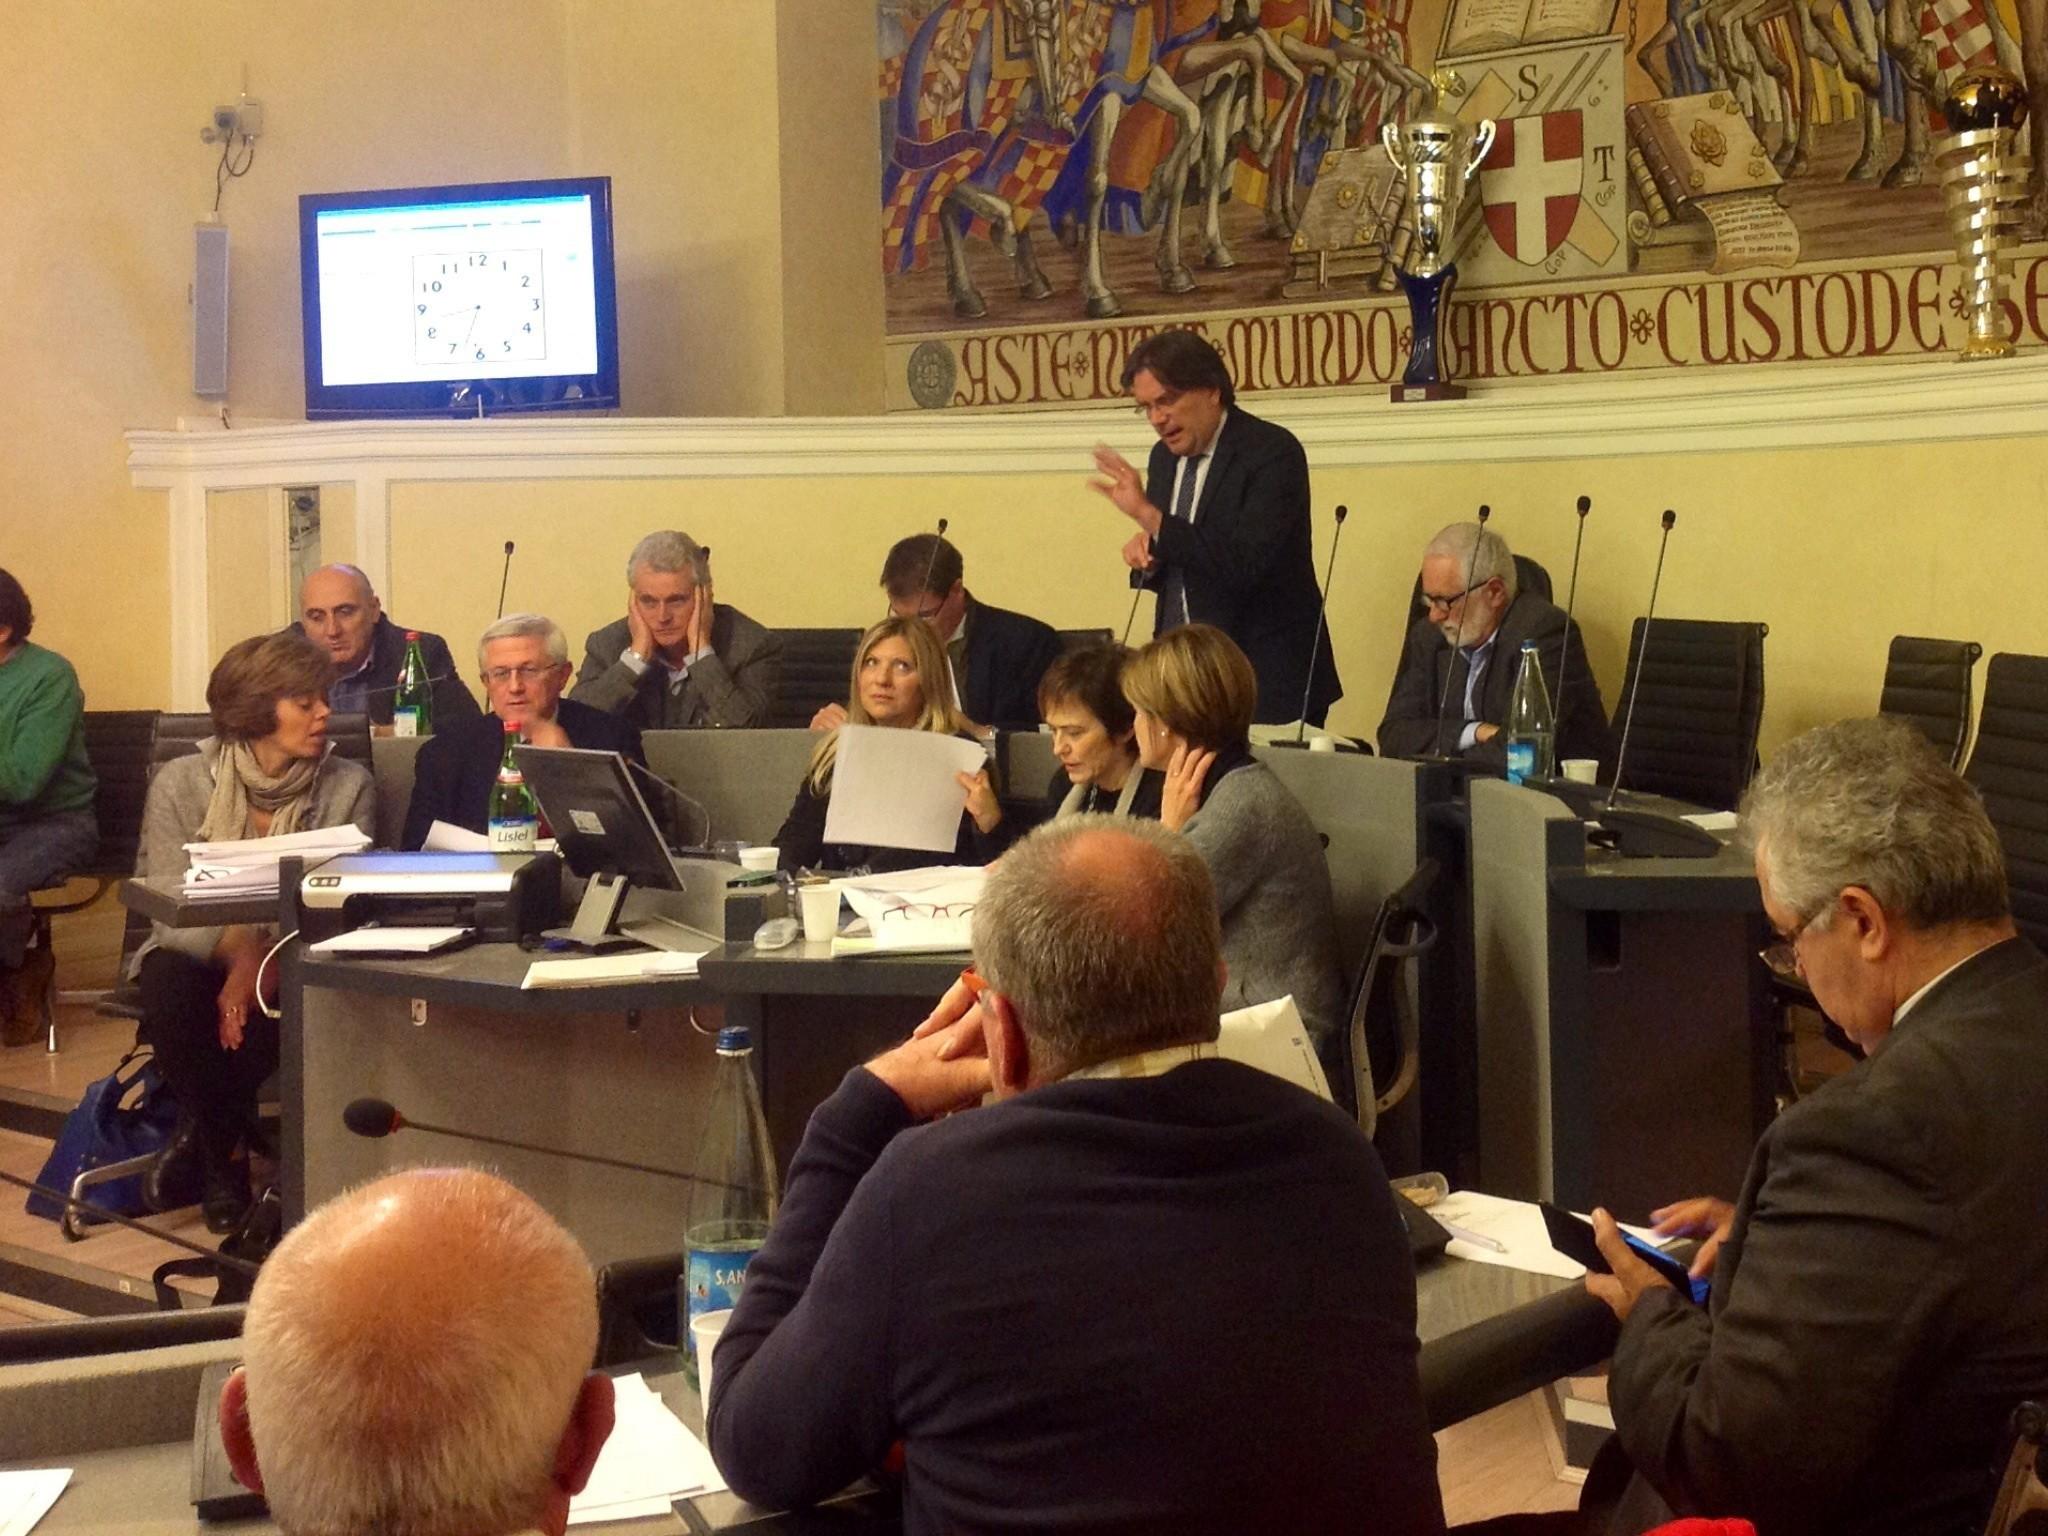 Asti, bilancio 2017: altri 2.700.000 euro per le scuole e 7 milioni per le periferie, nessun aumento di tasse e tariffe.